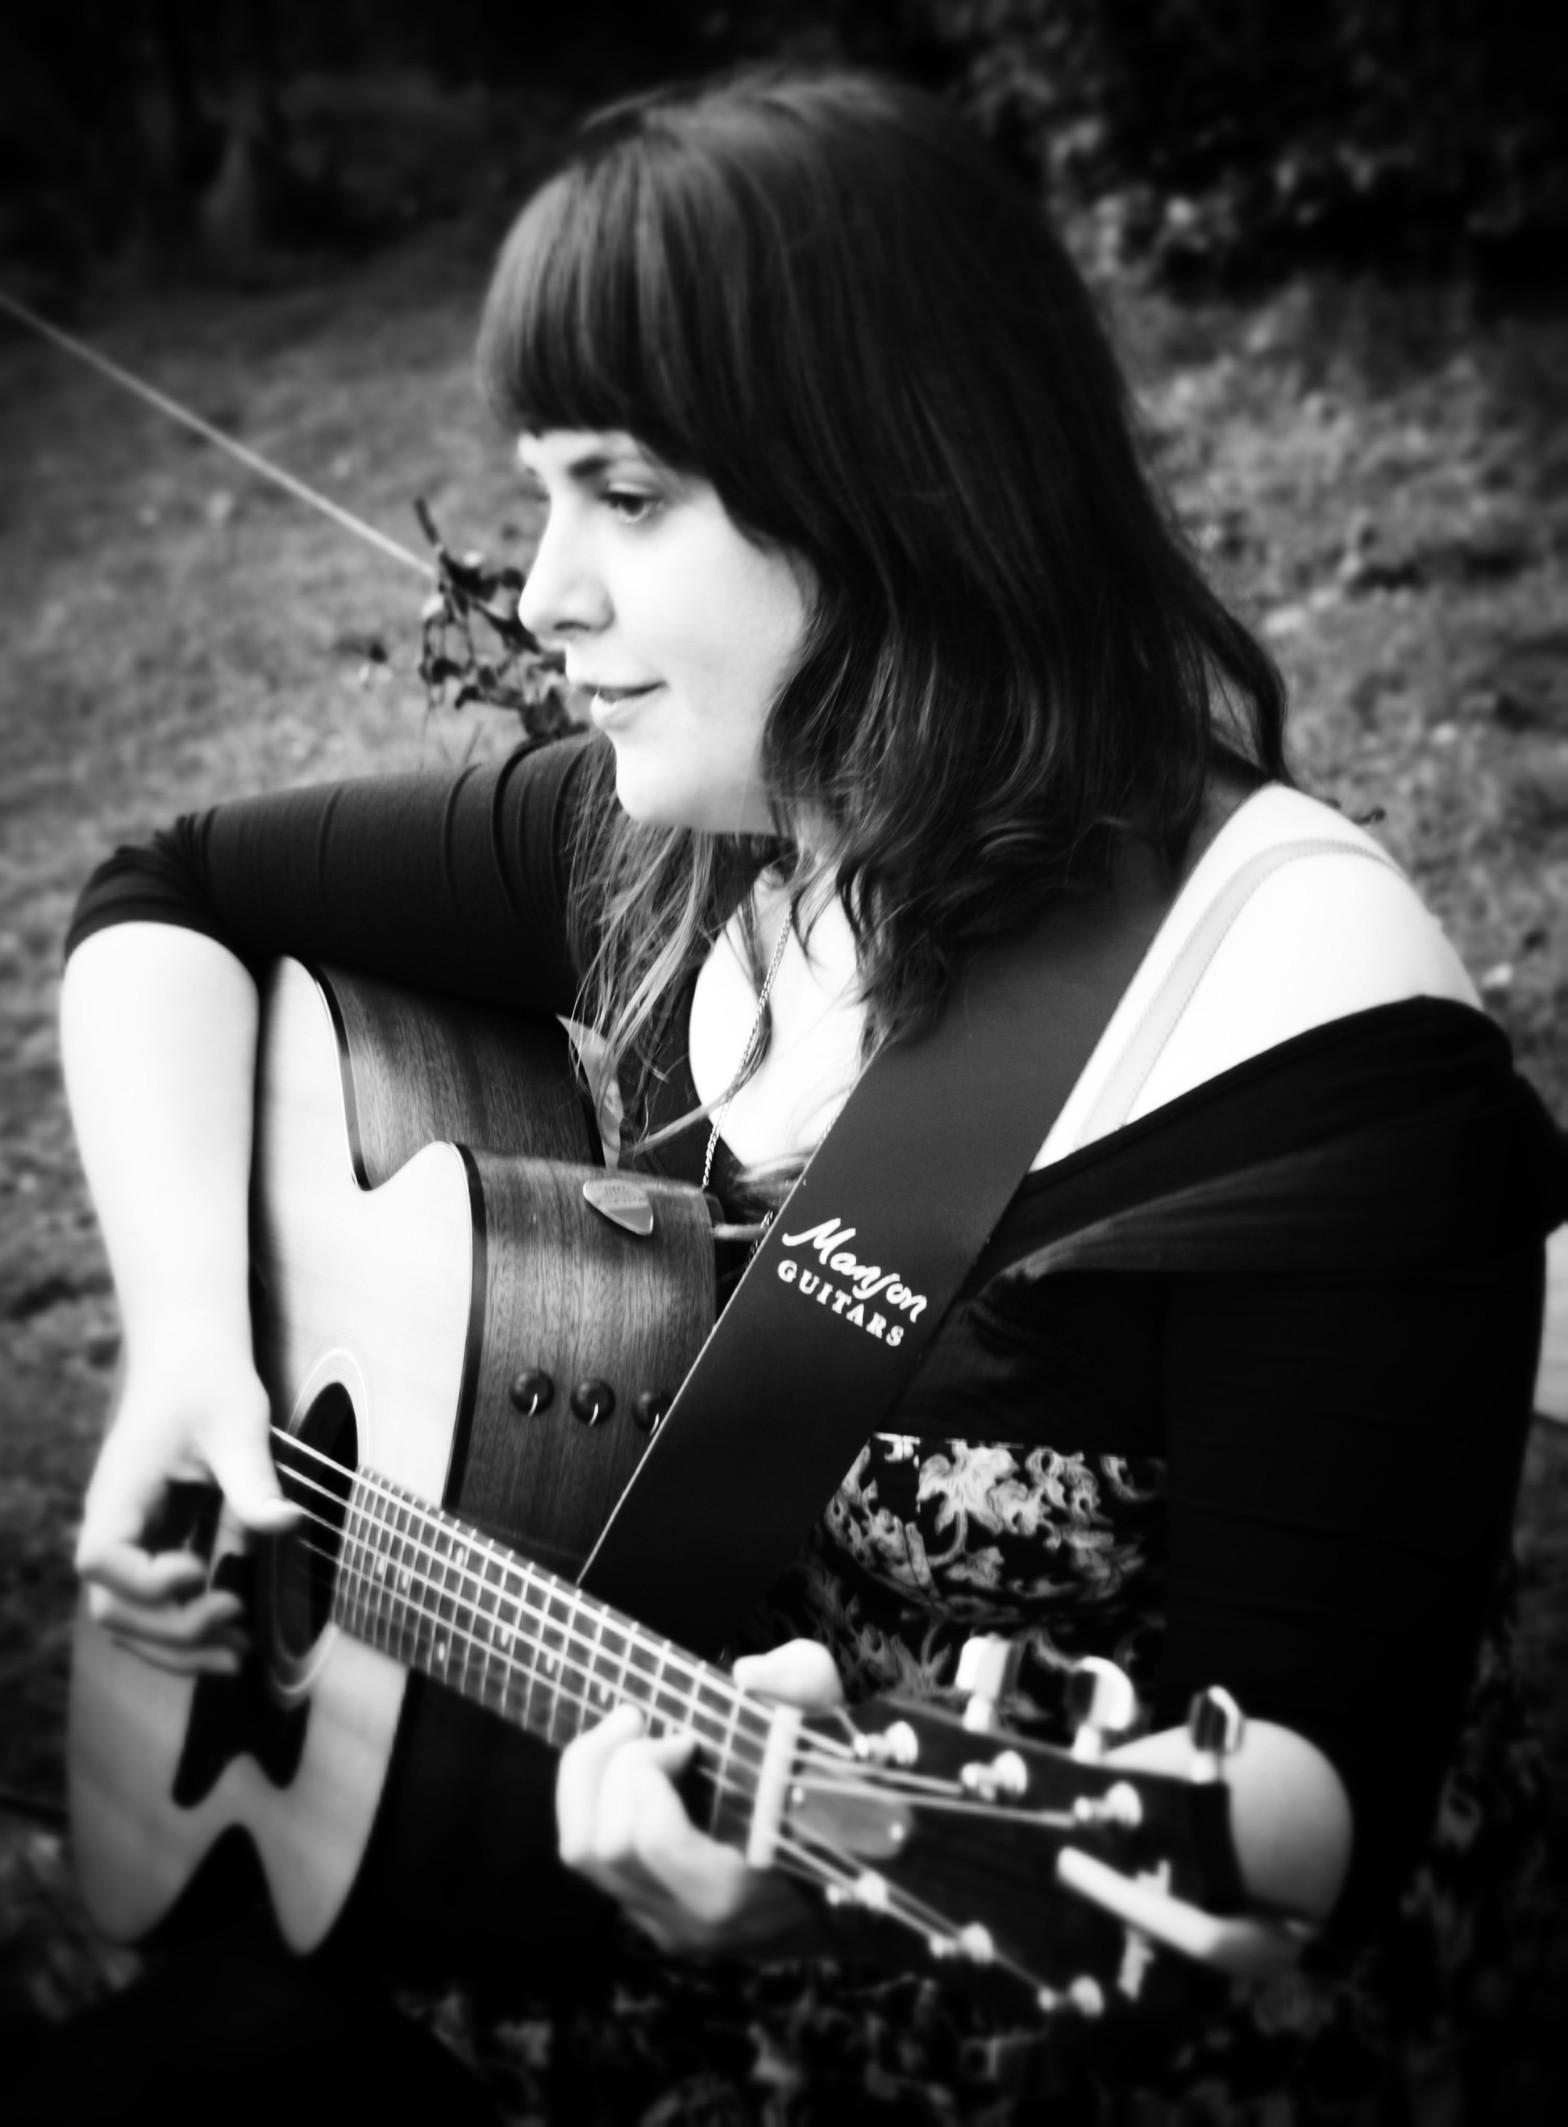 Caro Bridges at Make music at Earthship Fife